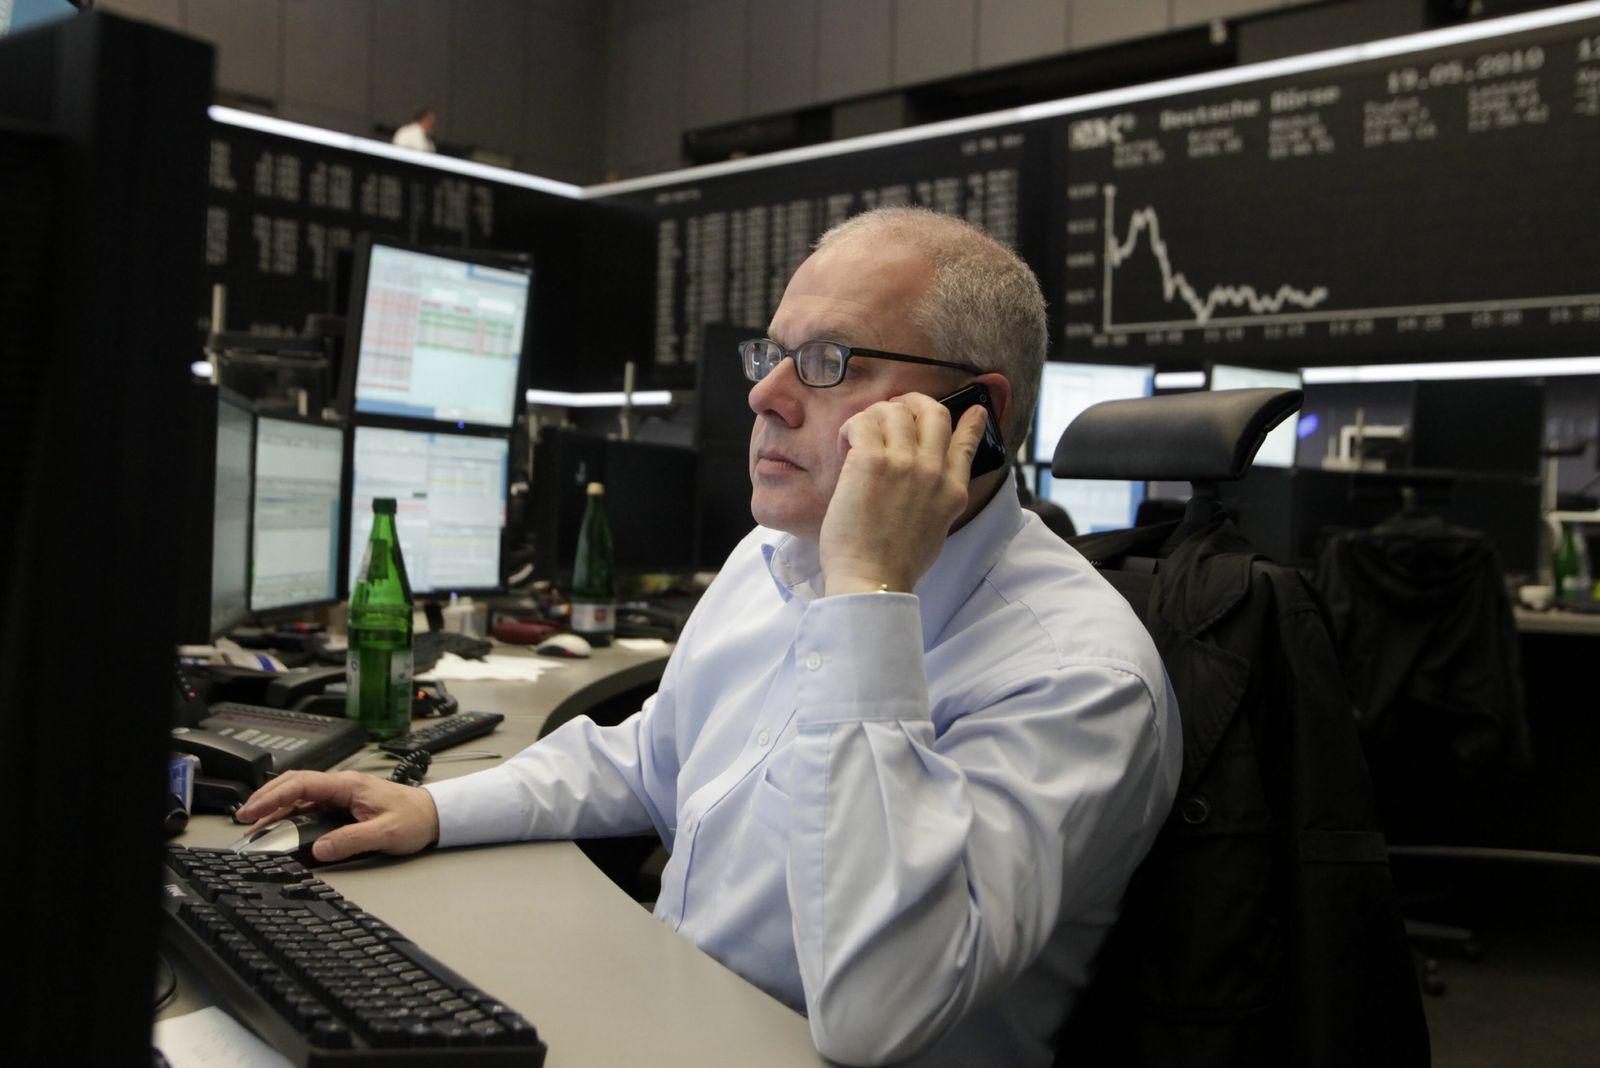 NICHT VERWENDEN Vertrauenskrise drueckt Stimmung am deutschen Aktienmarkt